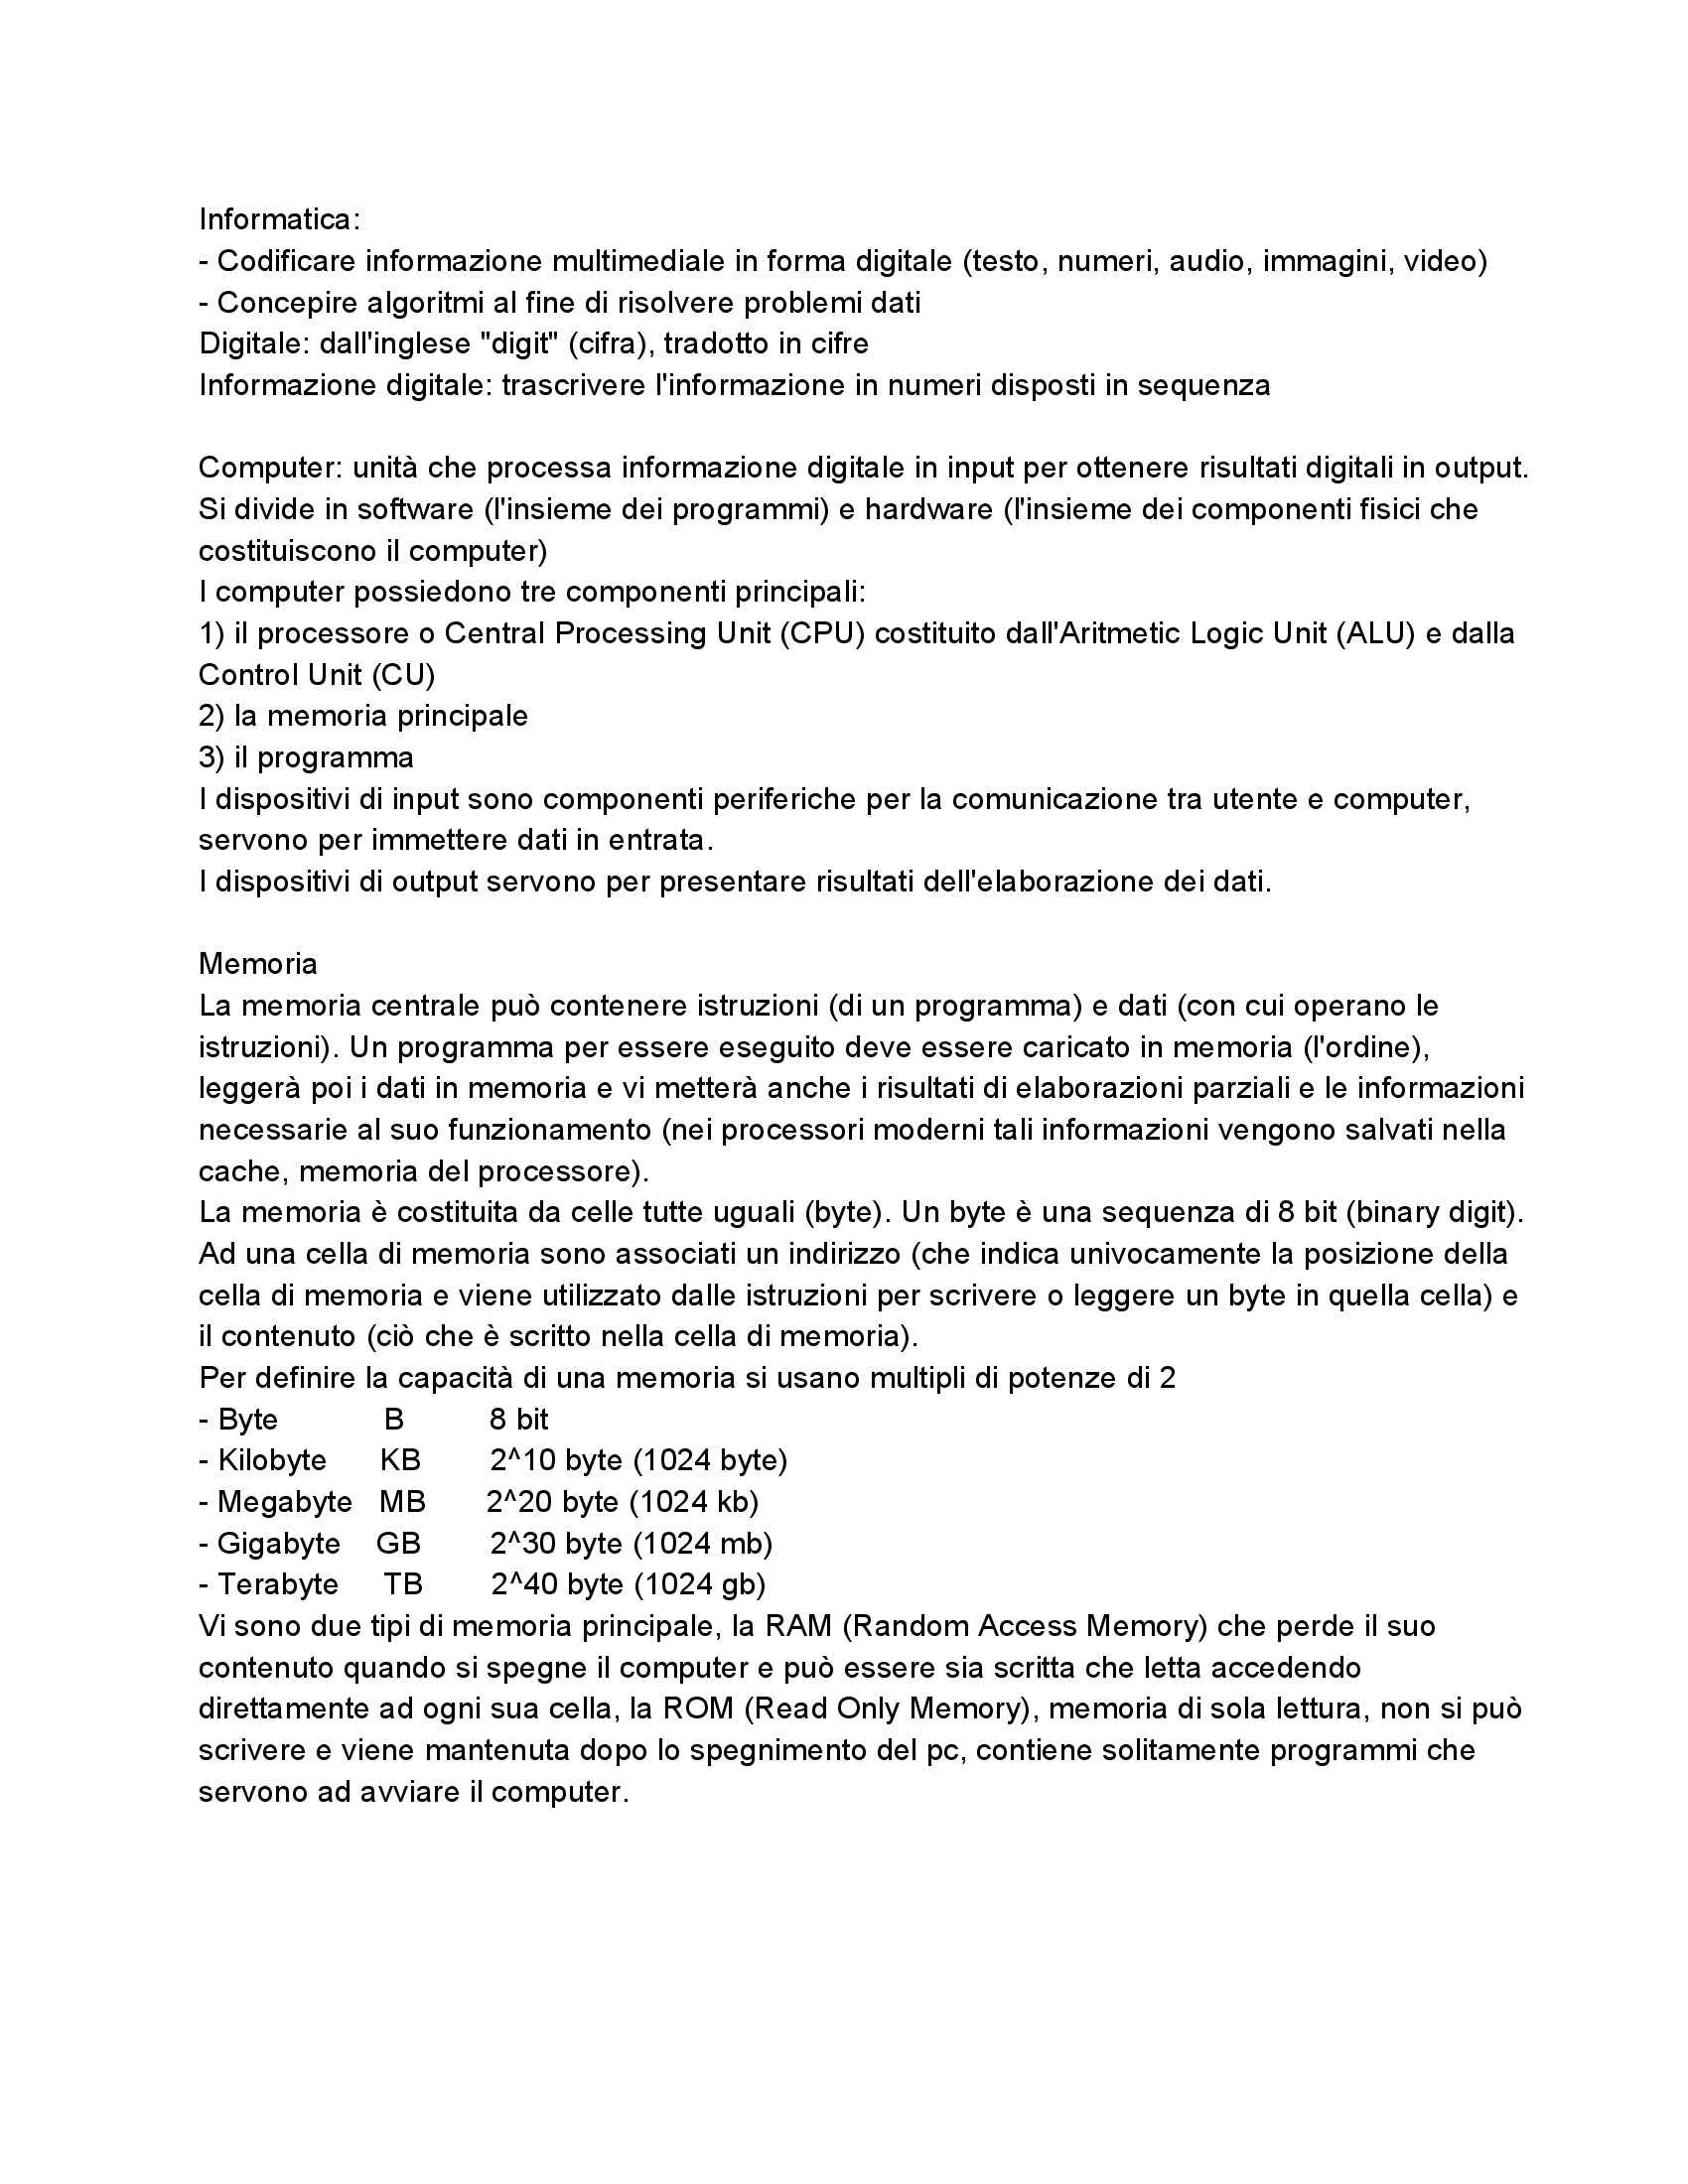 Informatica - Introduzione